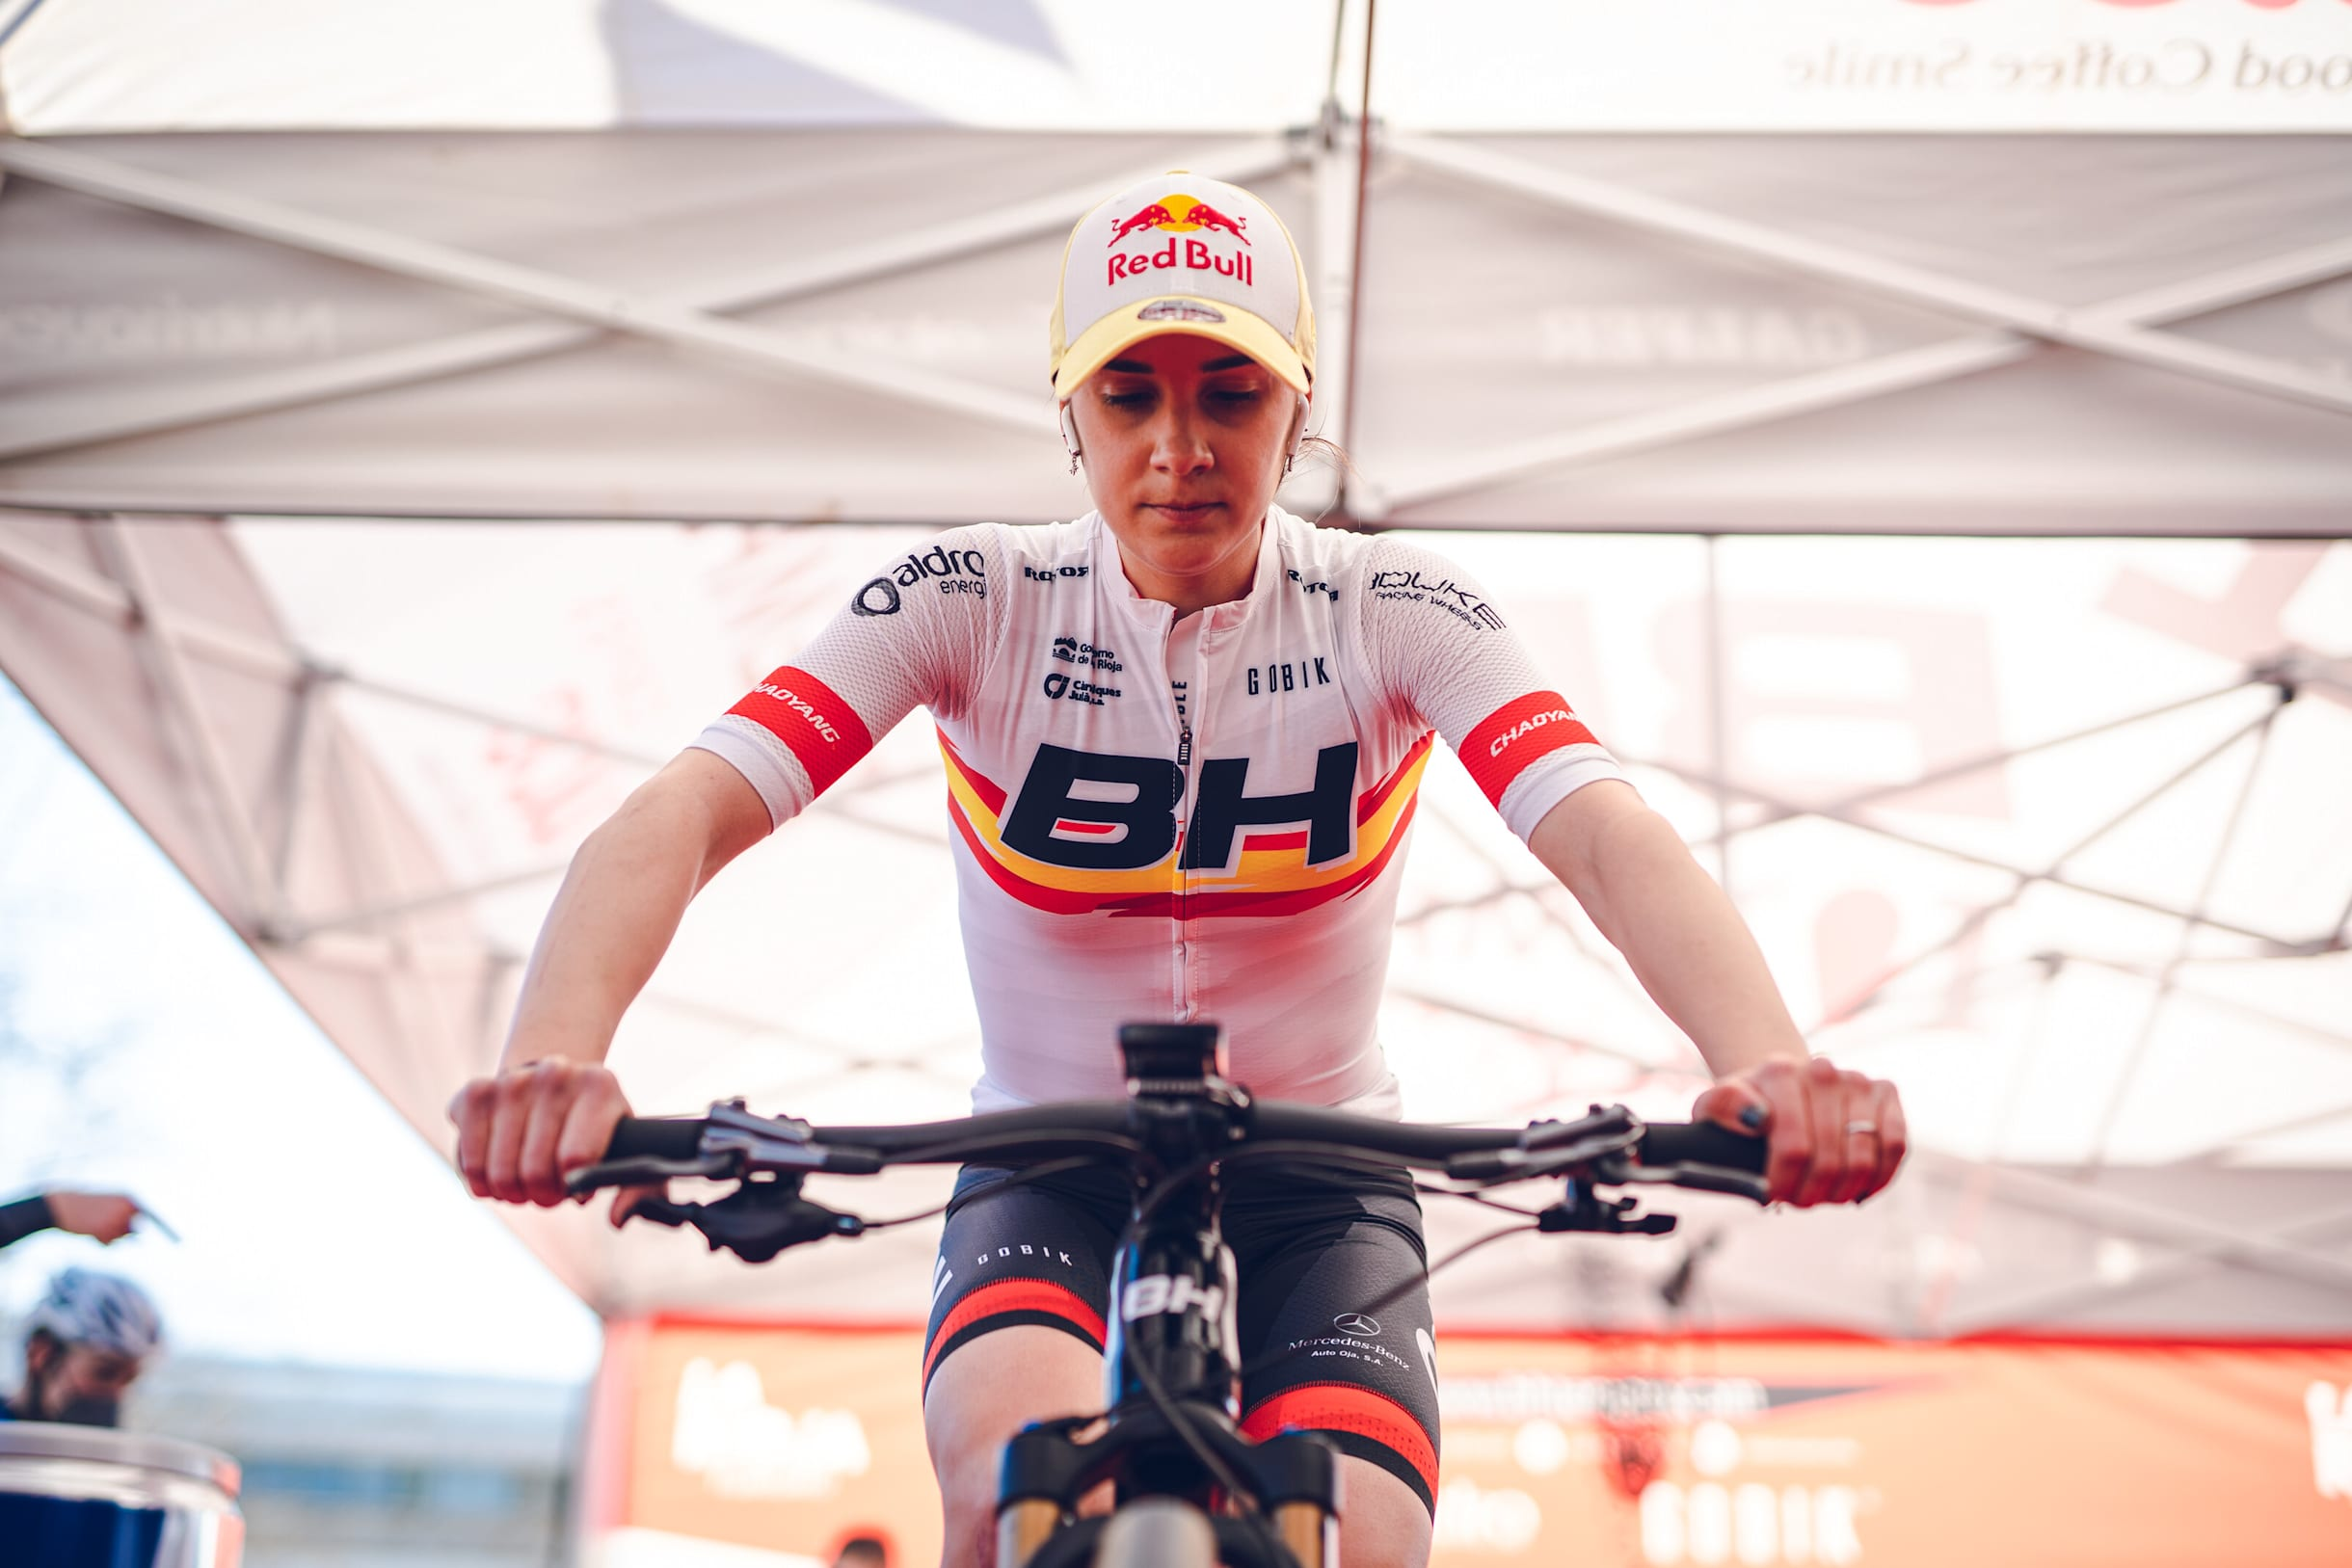 La piloto de MTB Rocío del Alba con el mallot de campeona de España de Mountain Bike calentando antes de una prueba UCI.